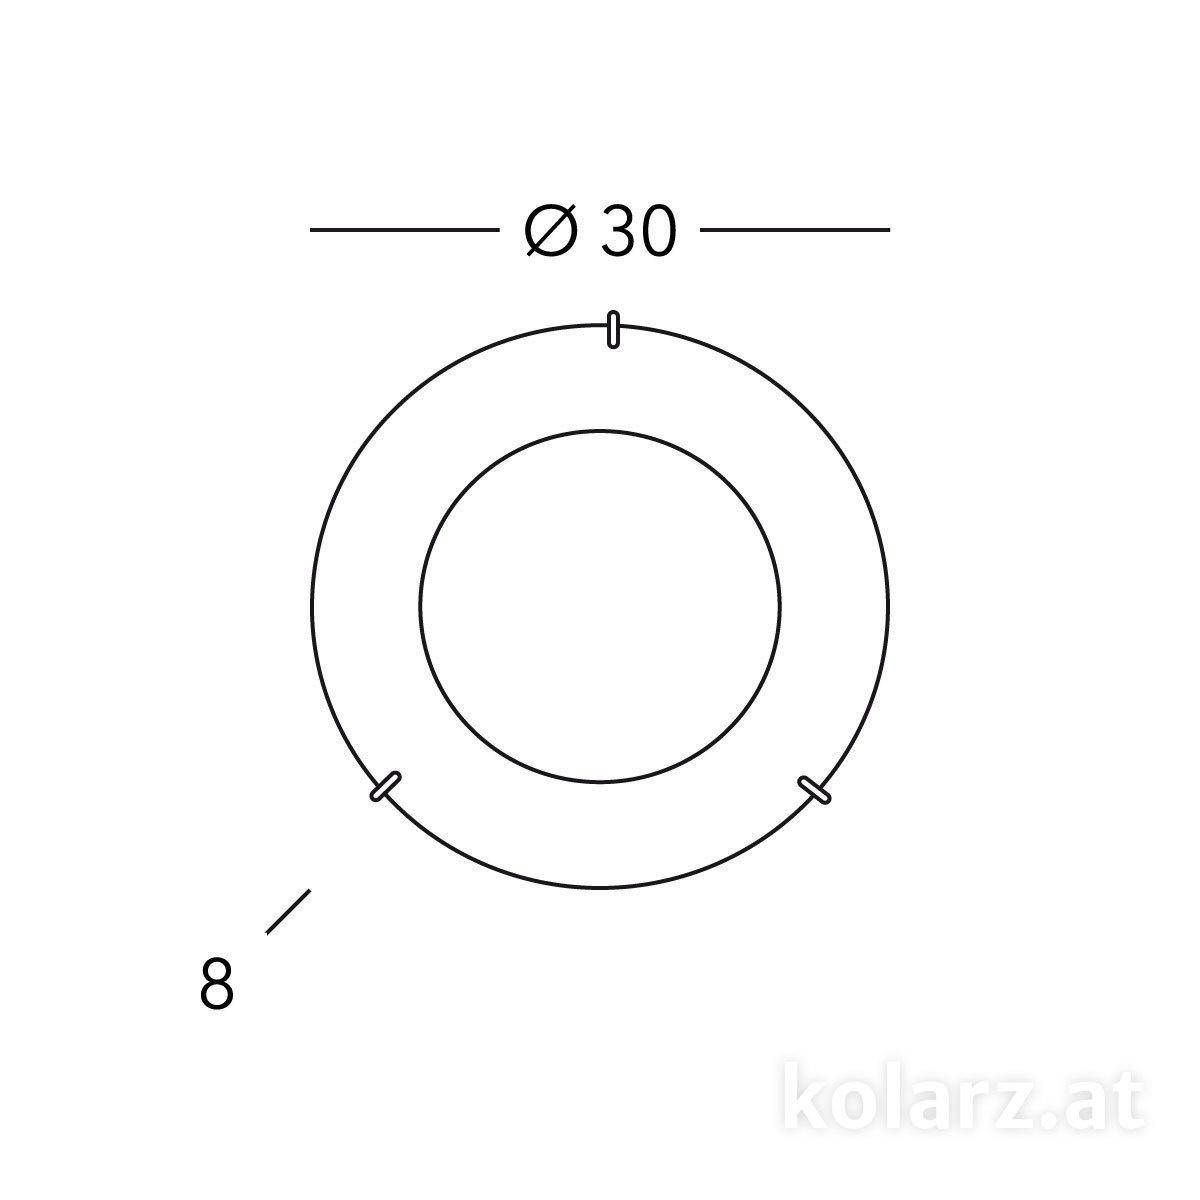 A1306-11-5-SunAg-s1.jpg